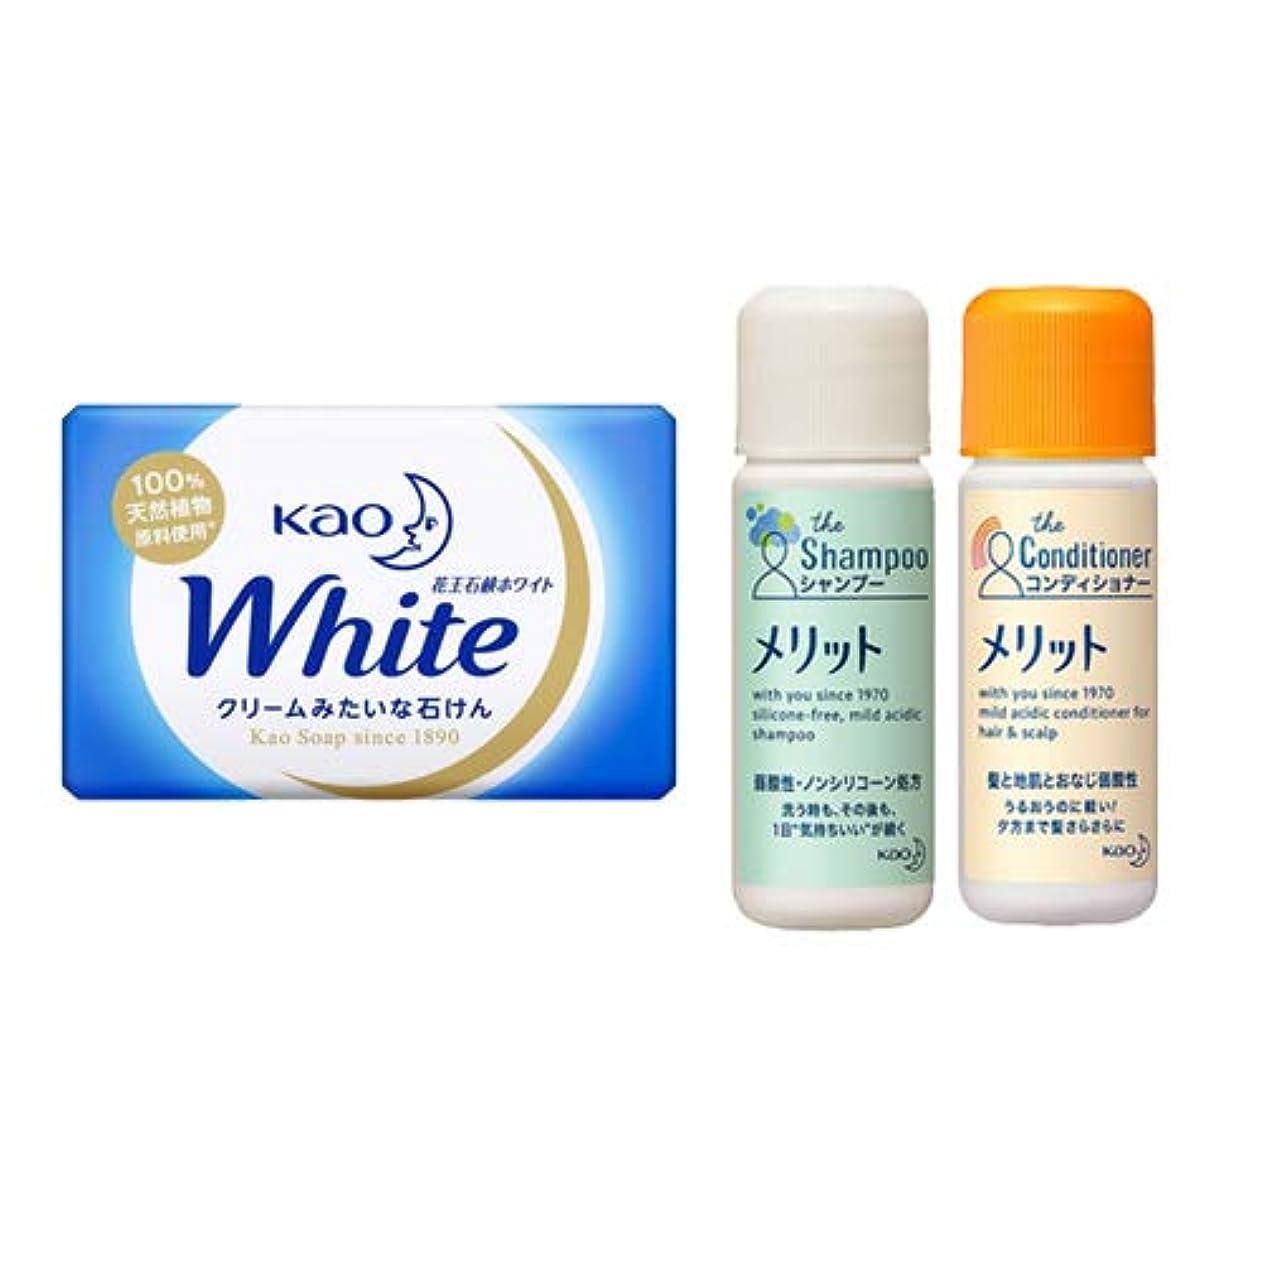 動力学ビートどれか花王(KAO) 石鹸ホワイト(Kao Soap White) 15g + メリットシャンプー 16ml + リンス 16ml セット